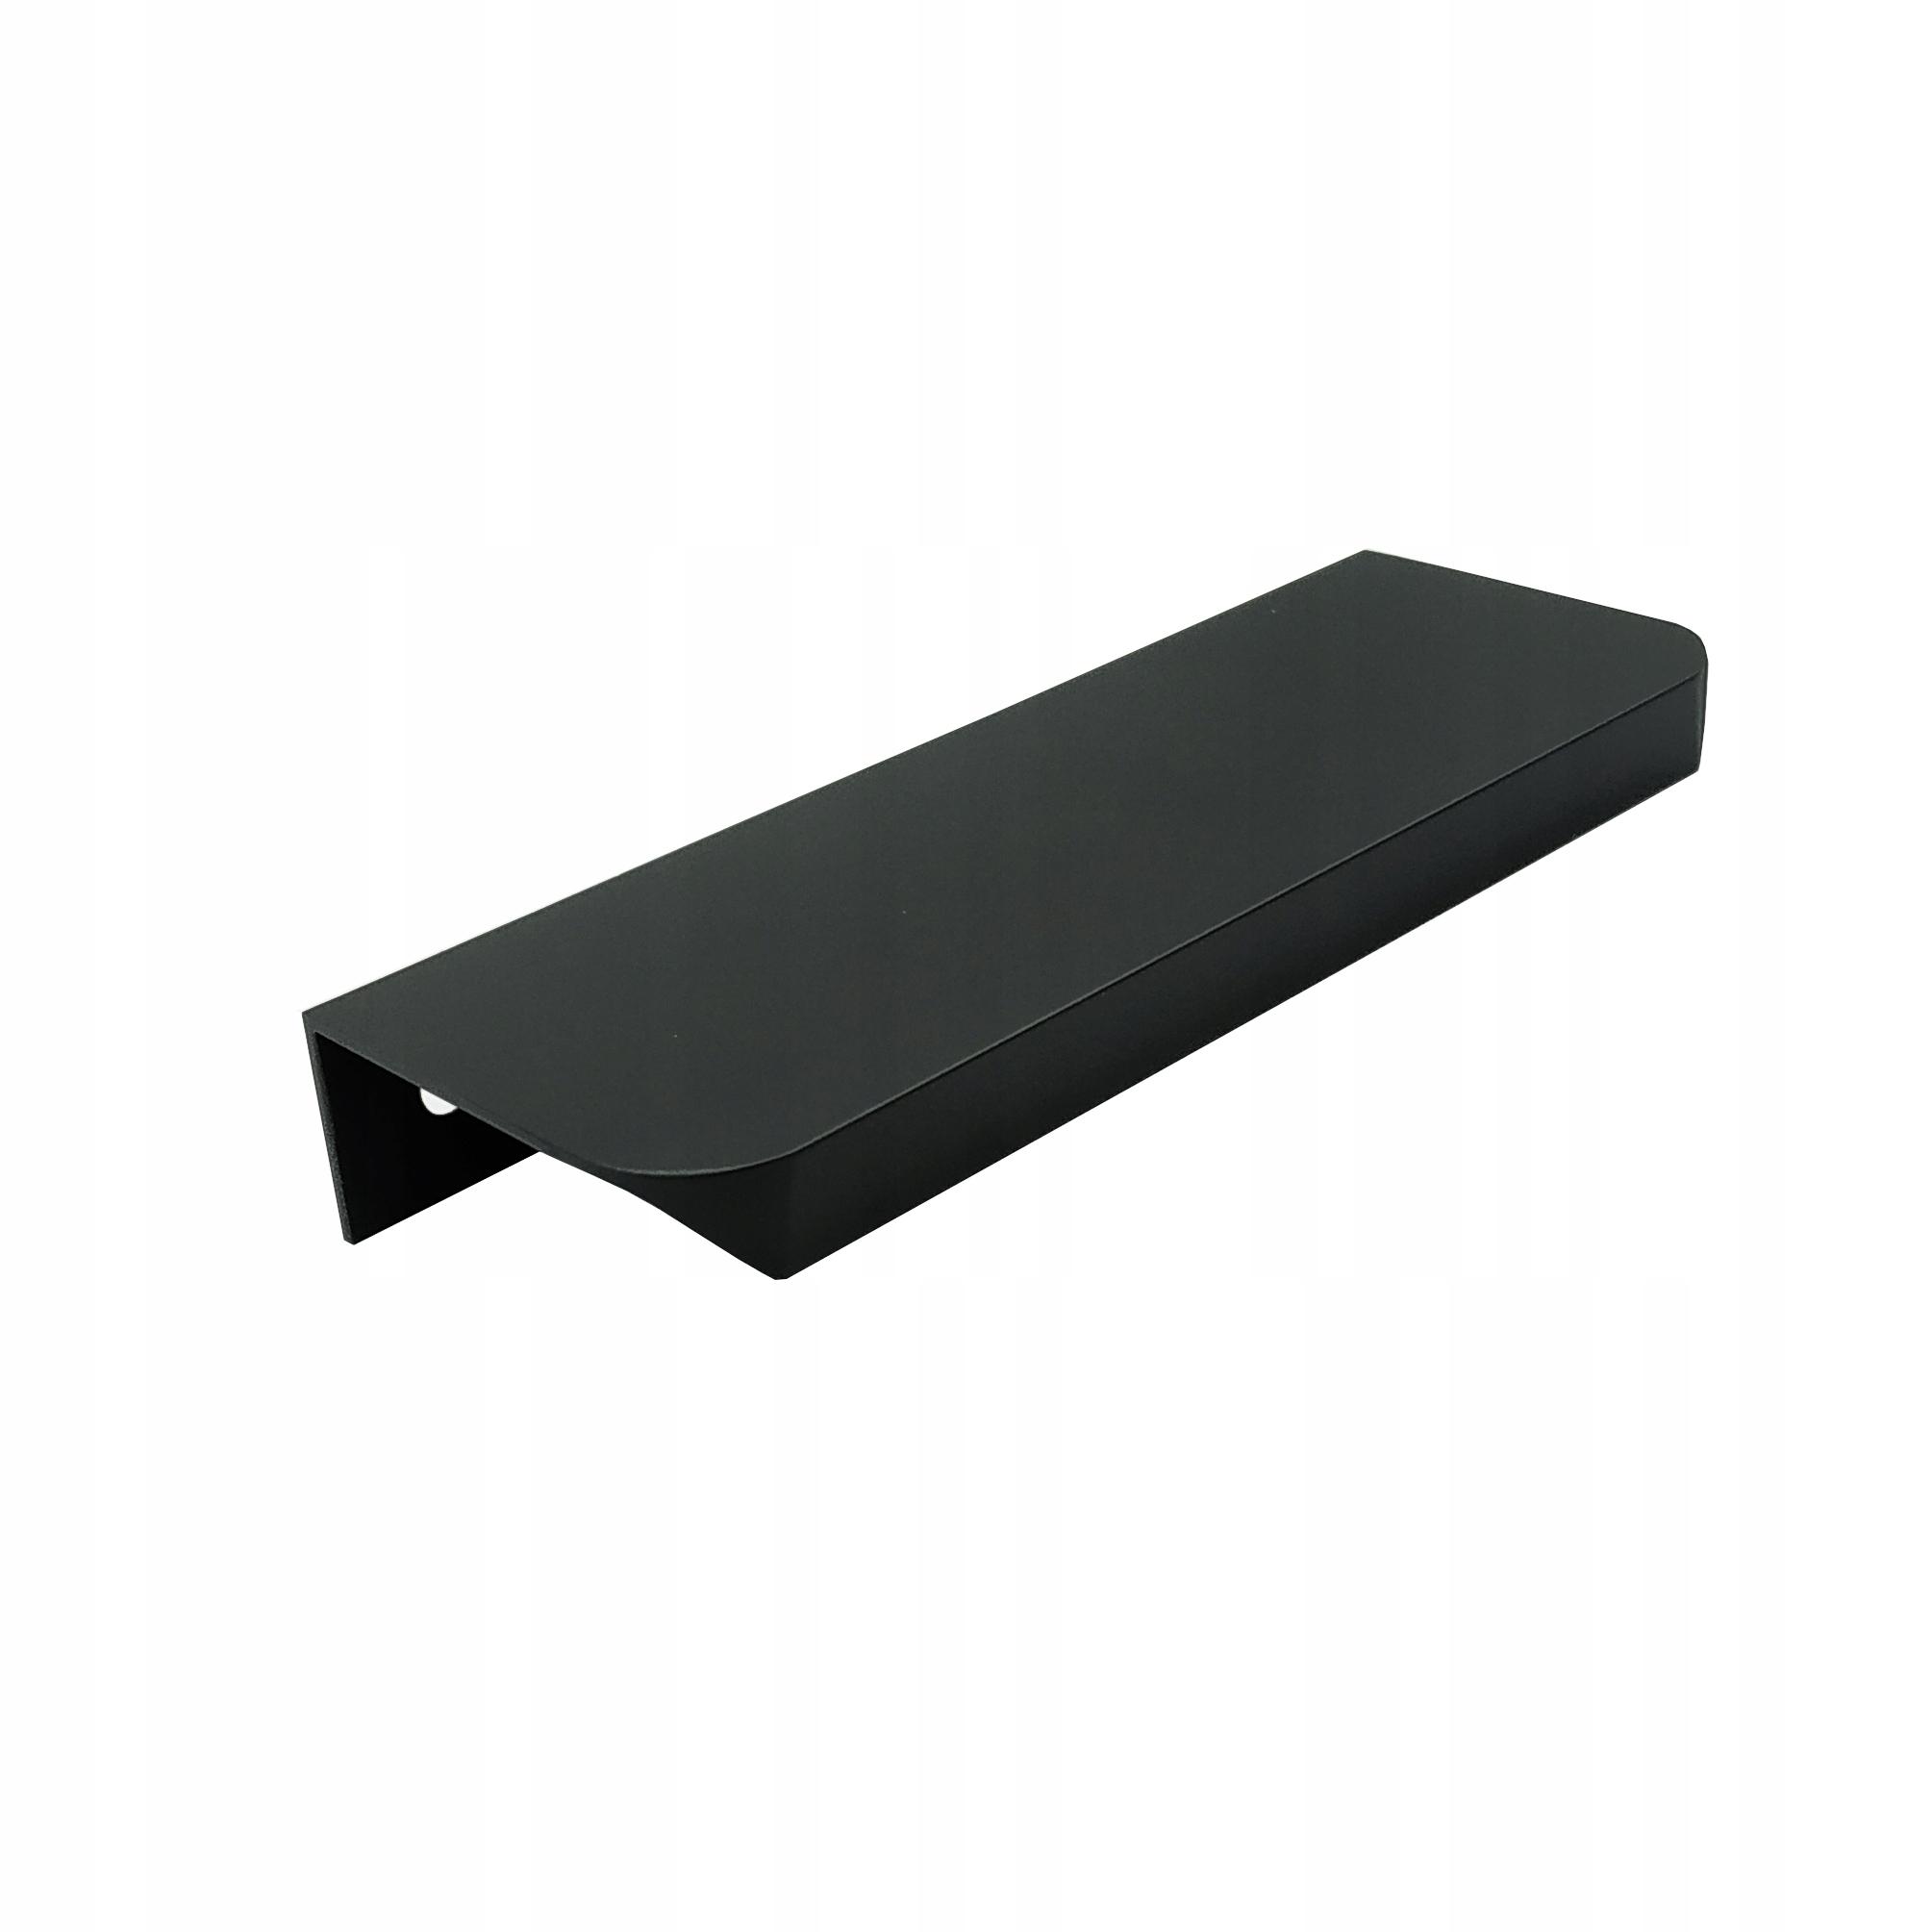 Кромочный держатель UA06, матовый черный, 64 / 84мм